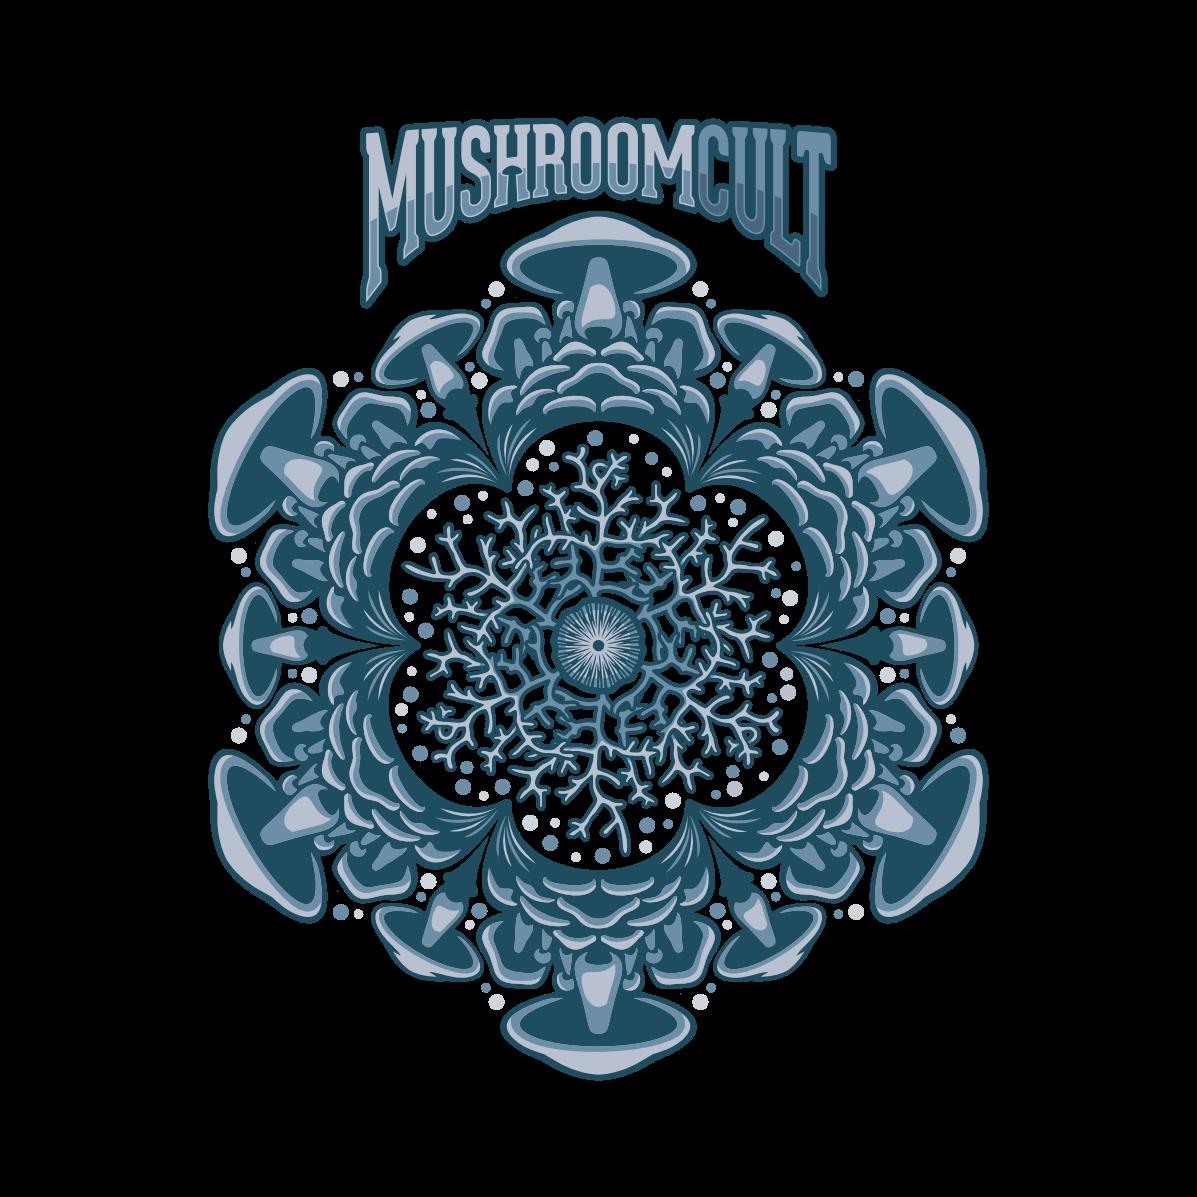 shirt design using existing logo